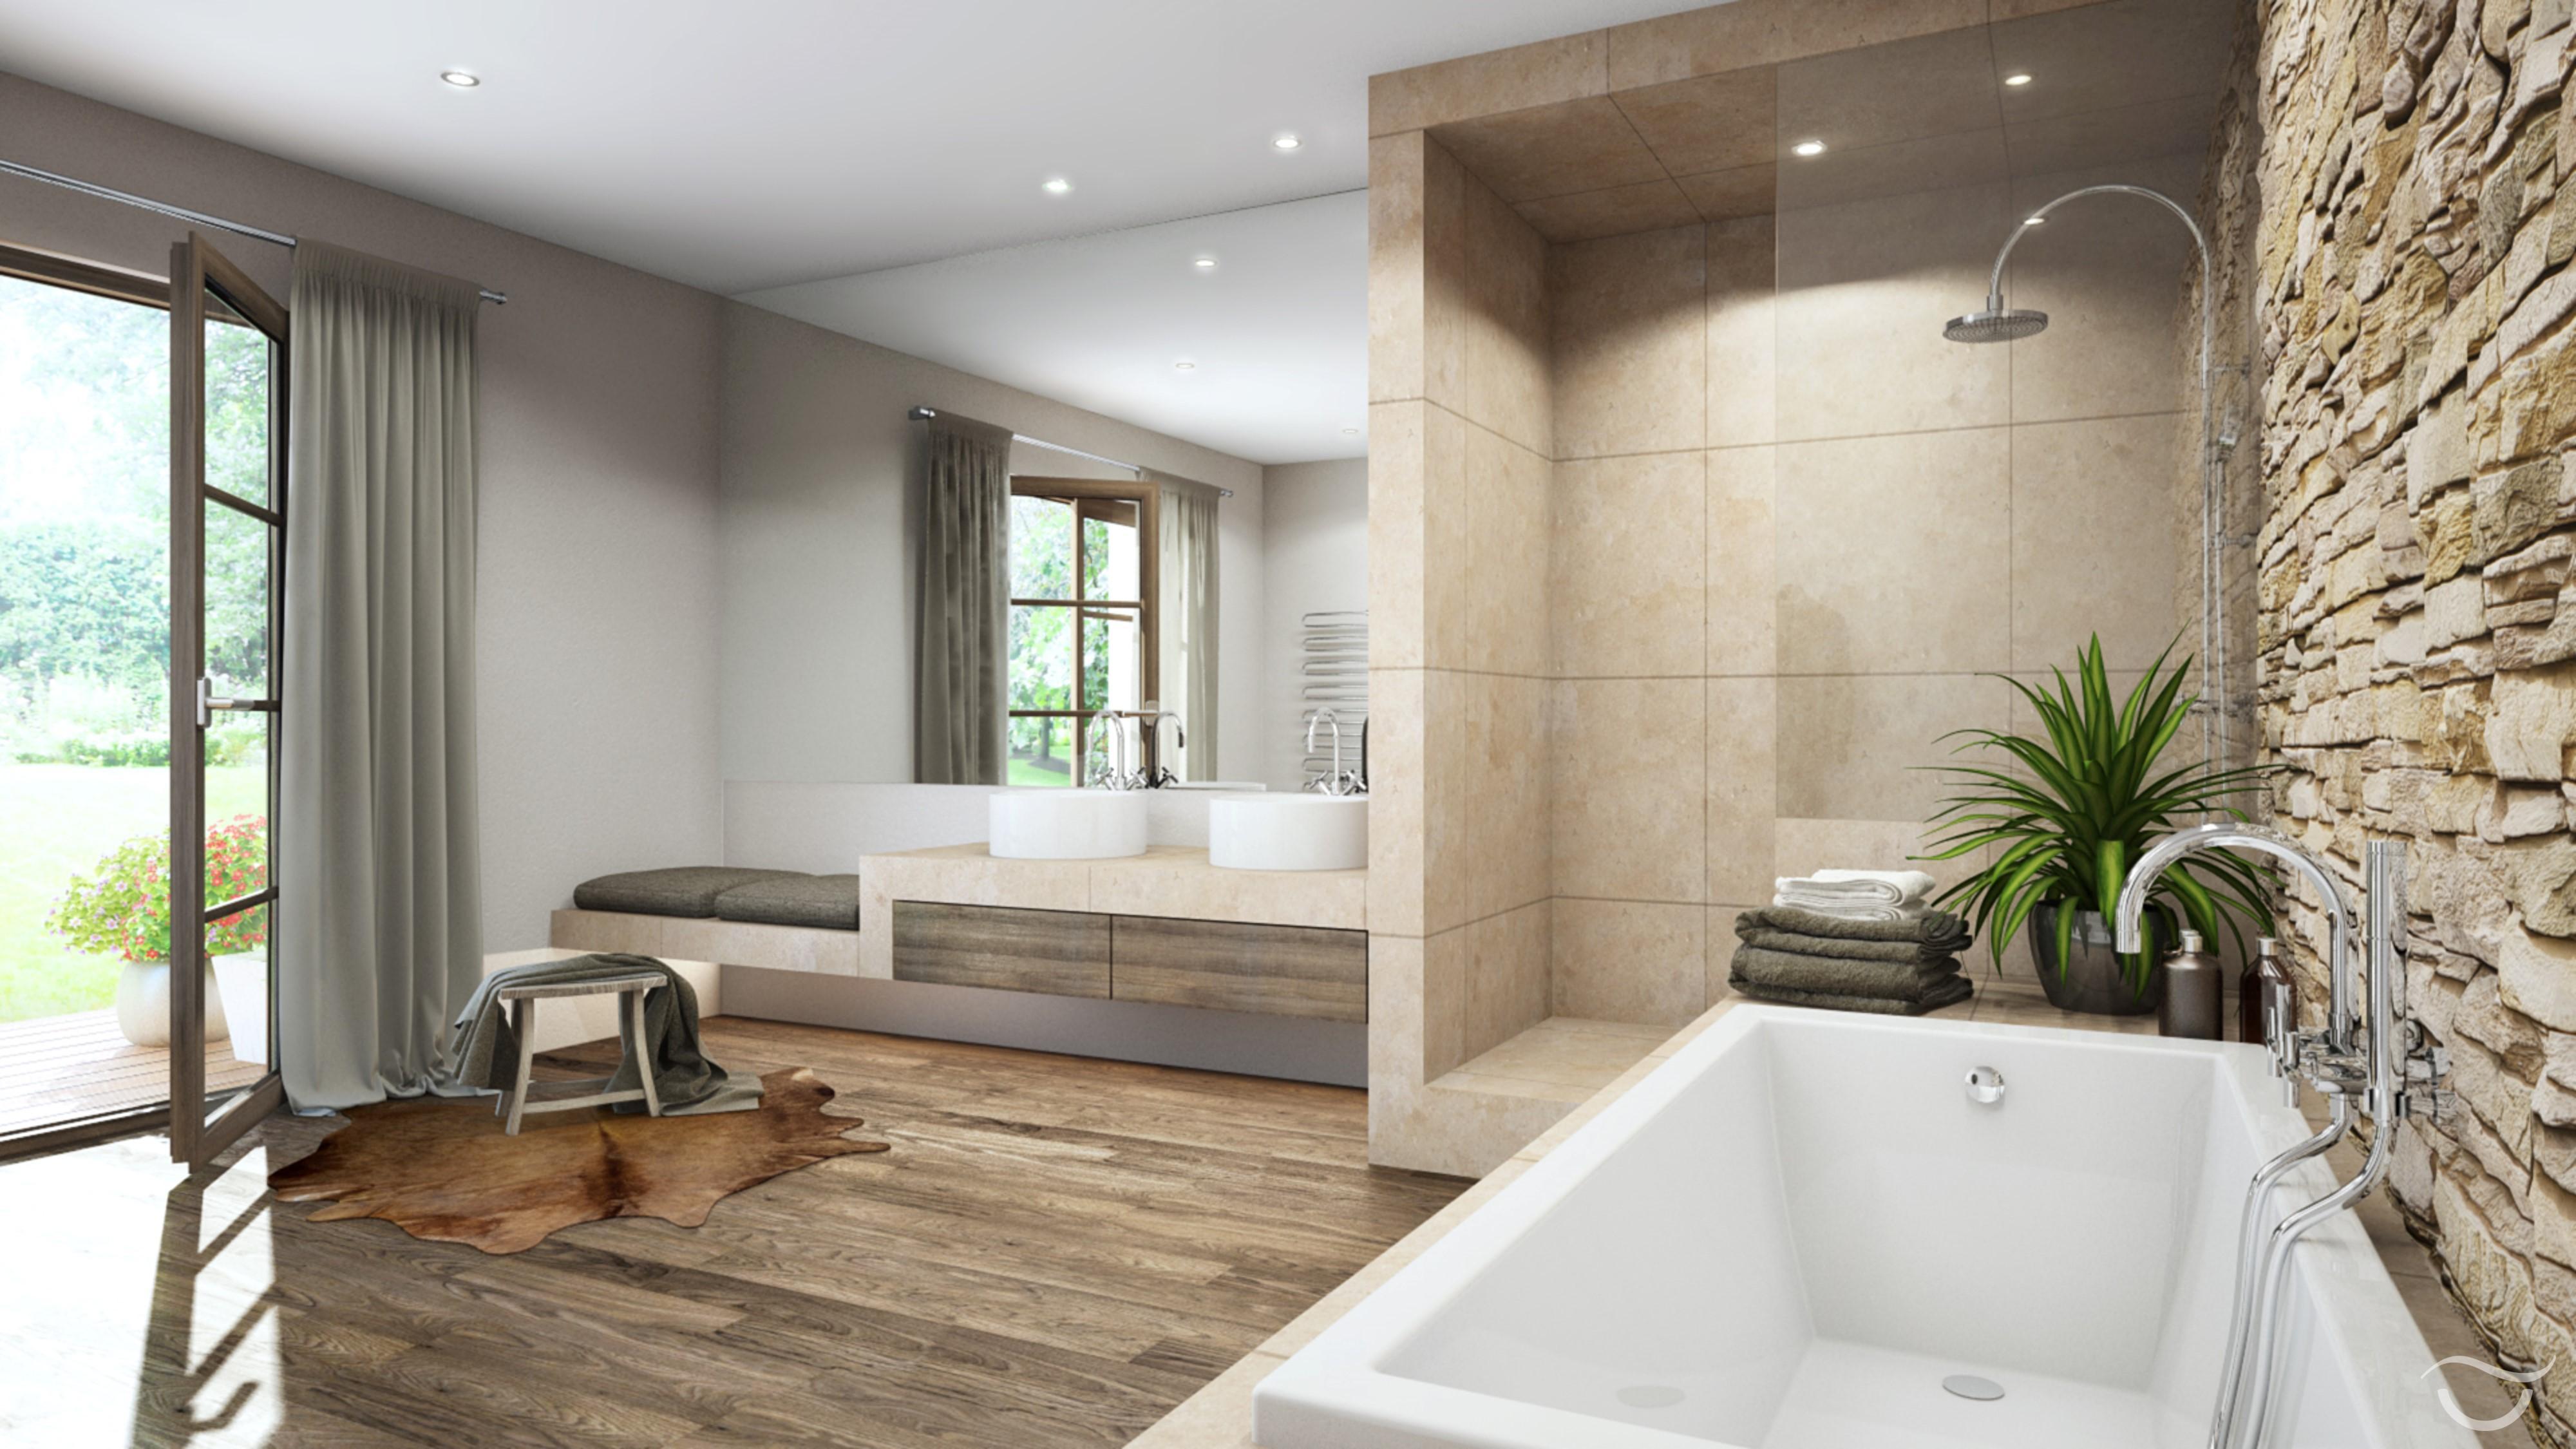 Sitzbank Aus Stein • Bilder & Ideen • Couchstyle